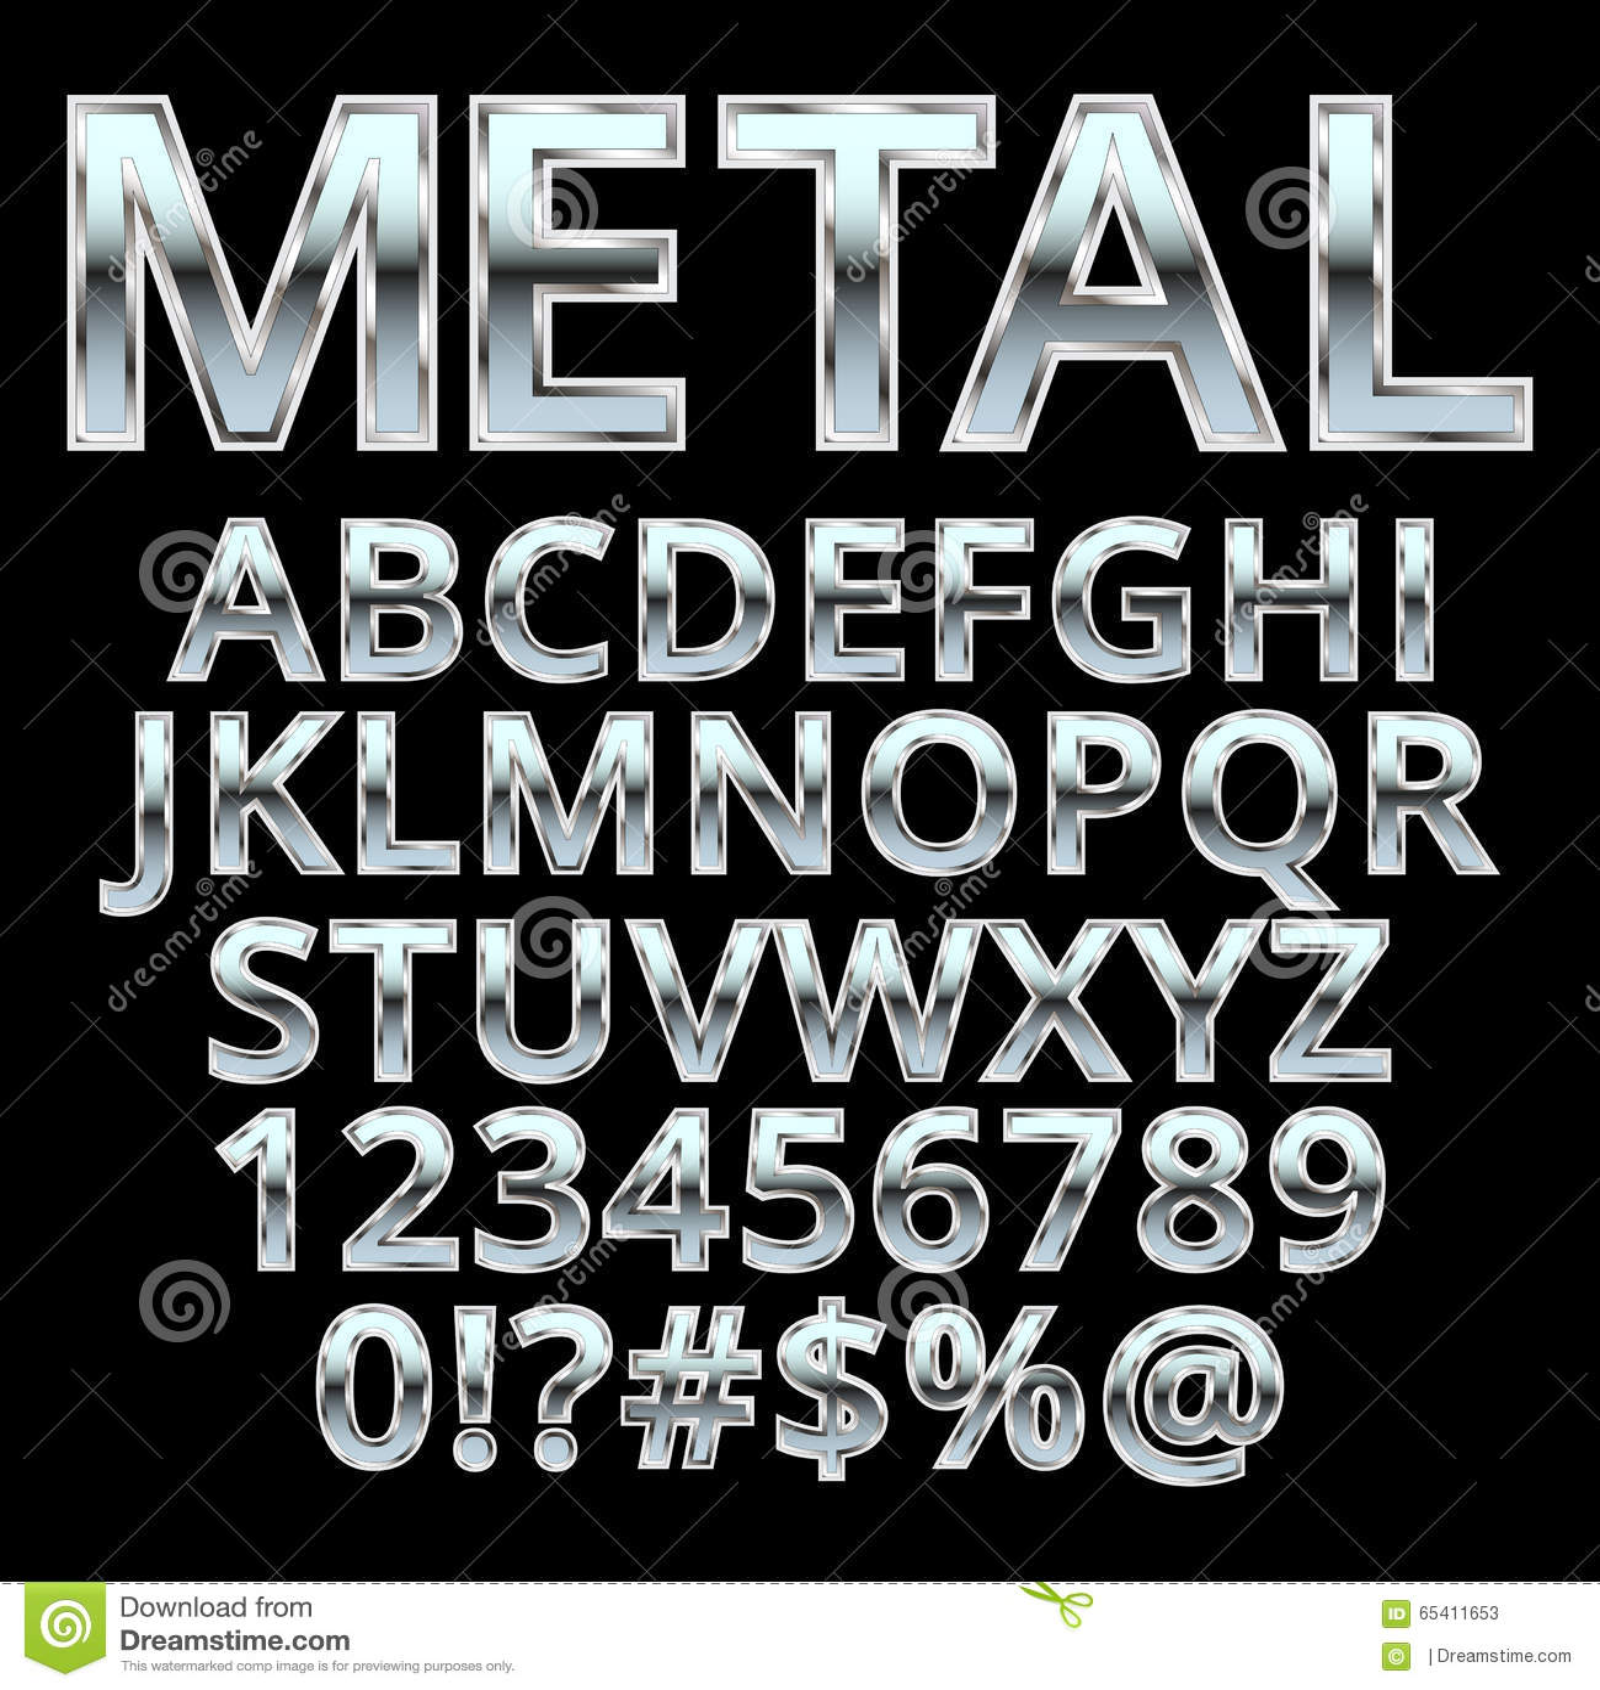 Metalu stylowy abecadło